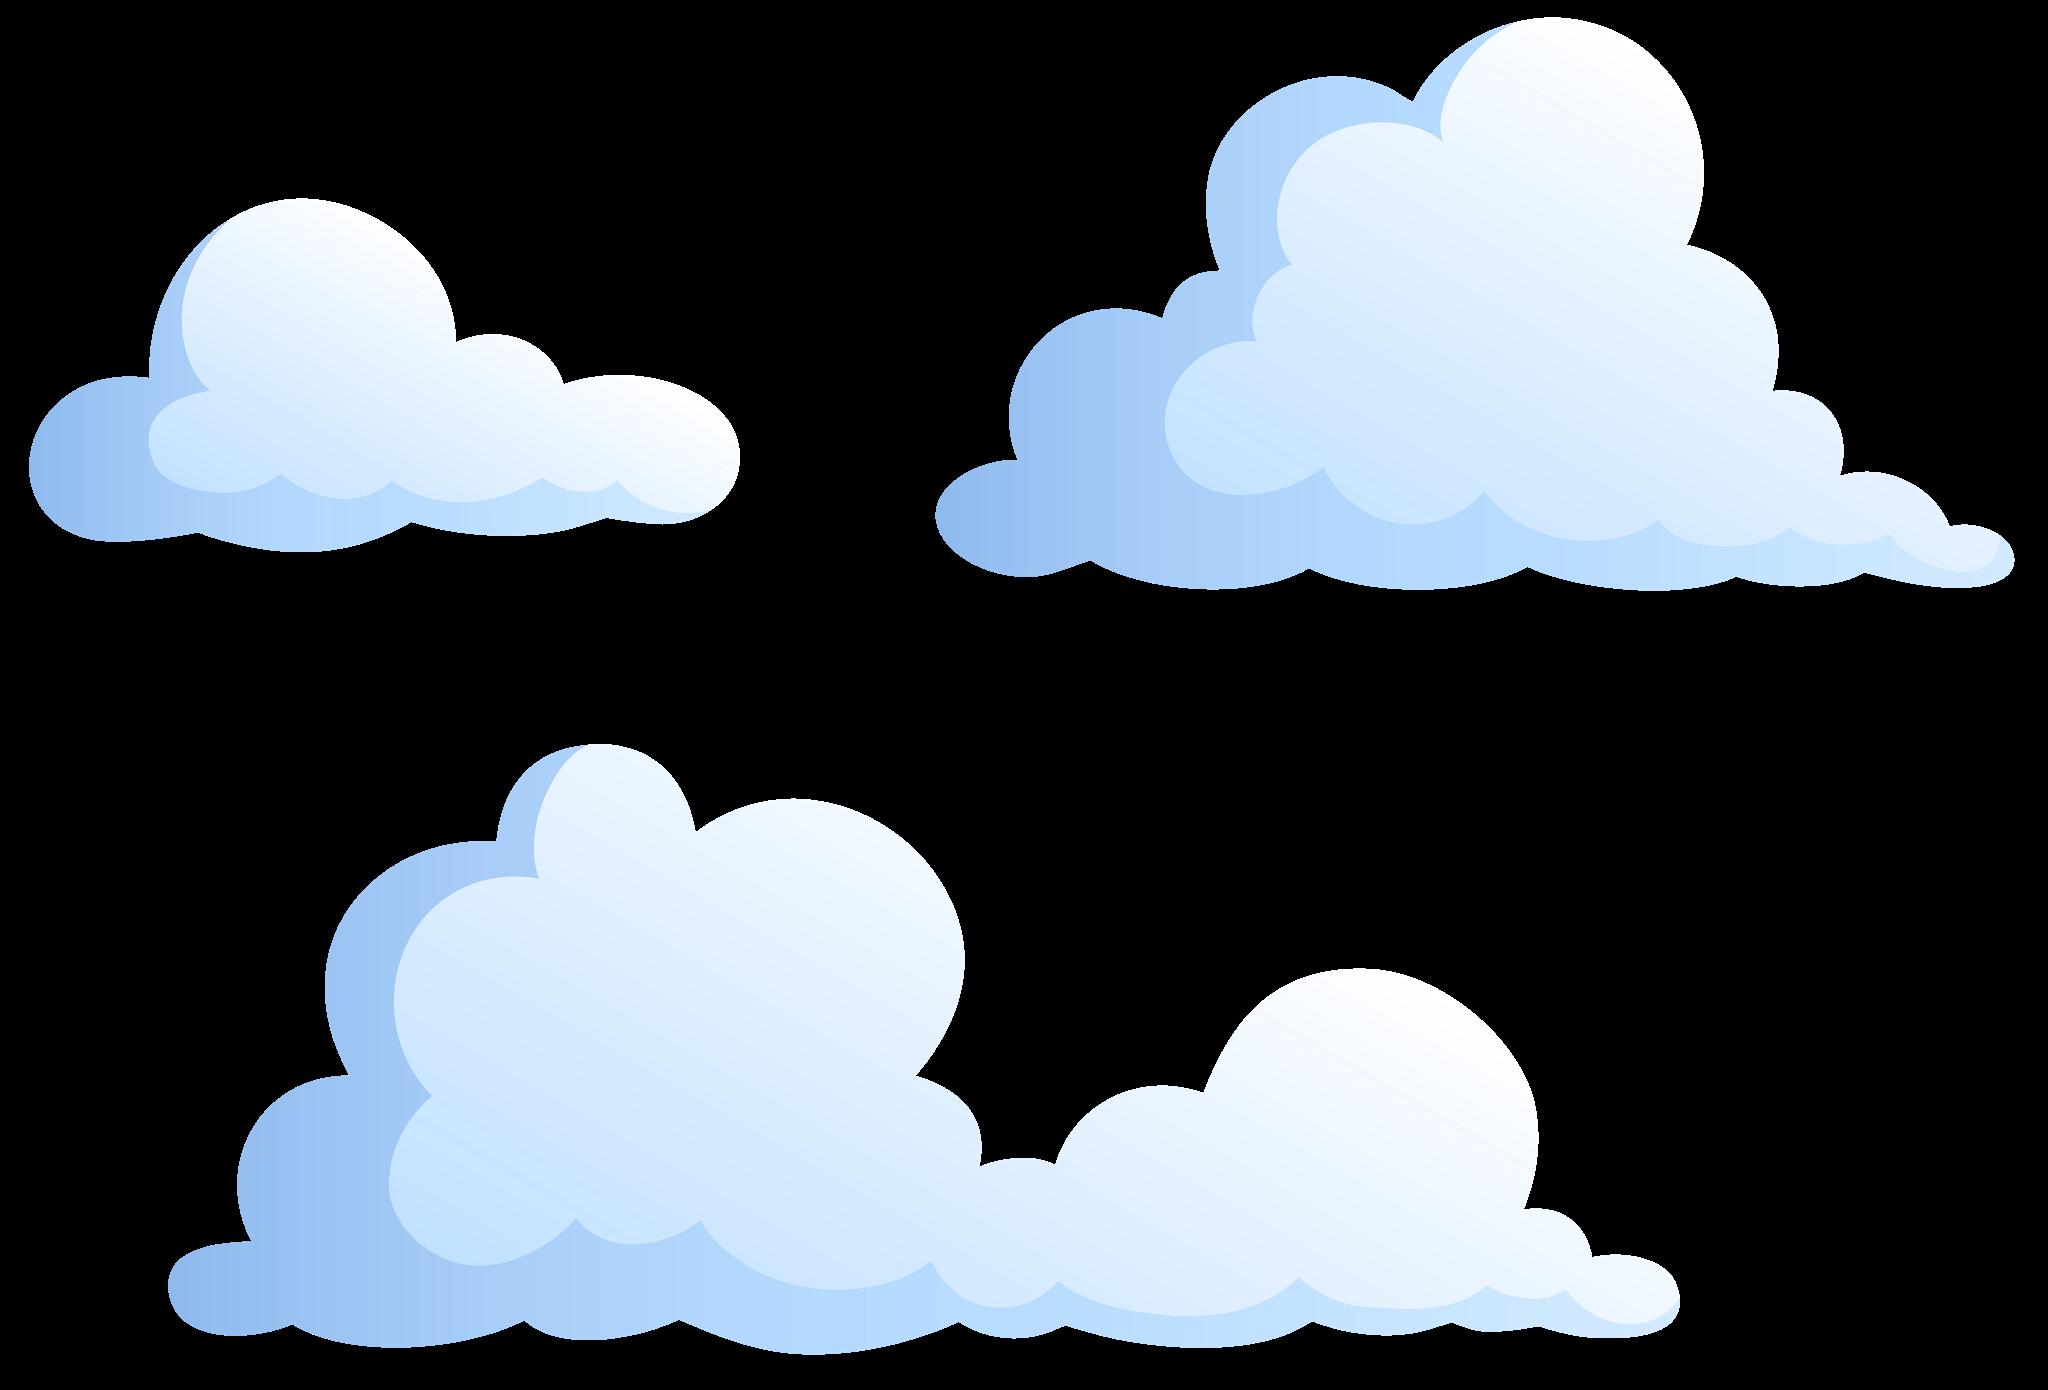 Cloud Png Image Cloud Png Transparent Free Download Clip Art Image Cloud Png Images